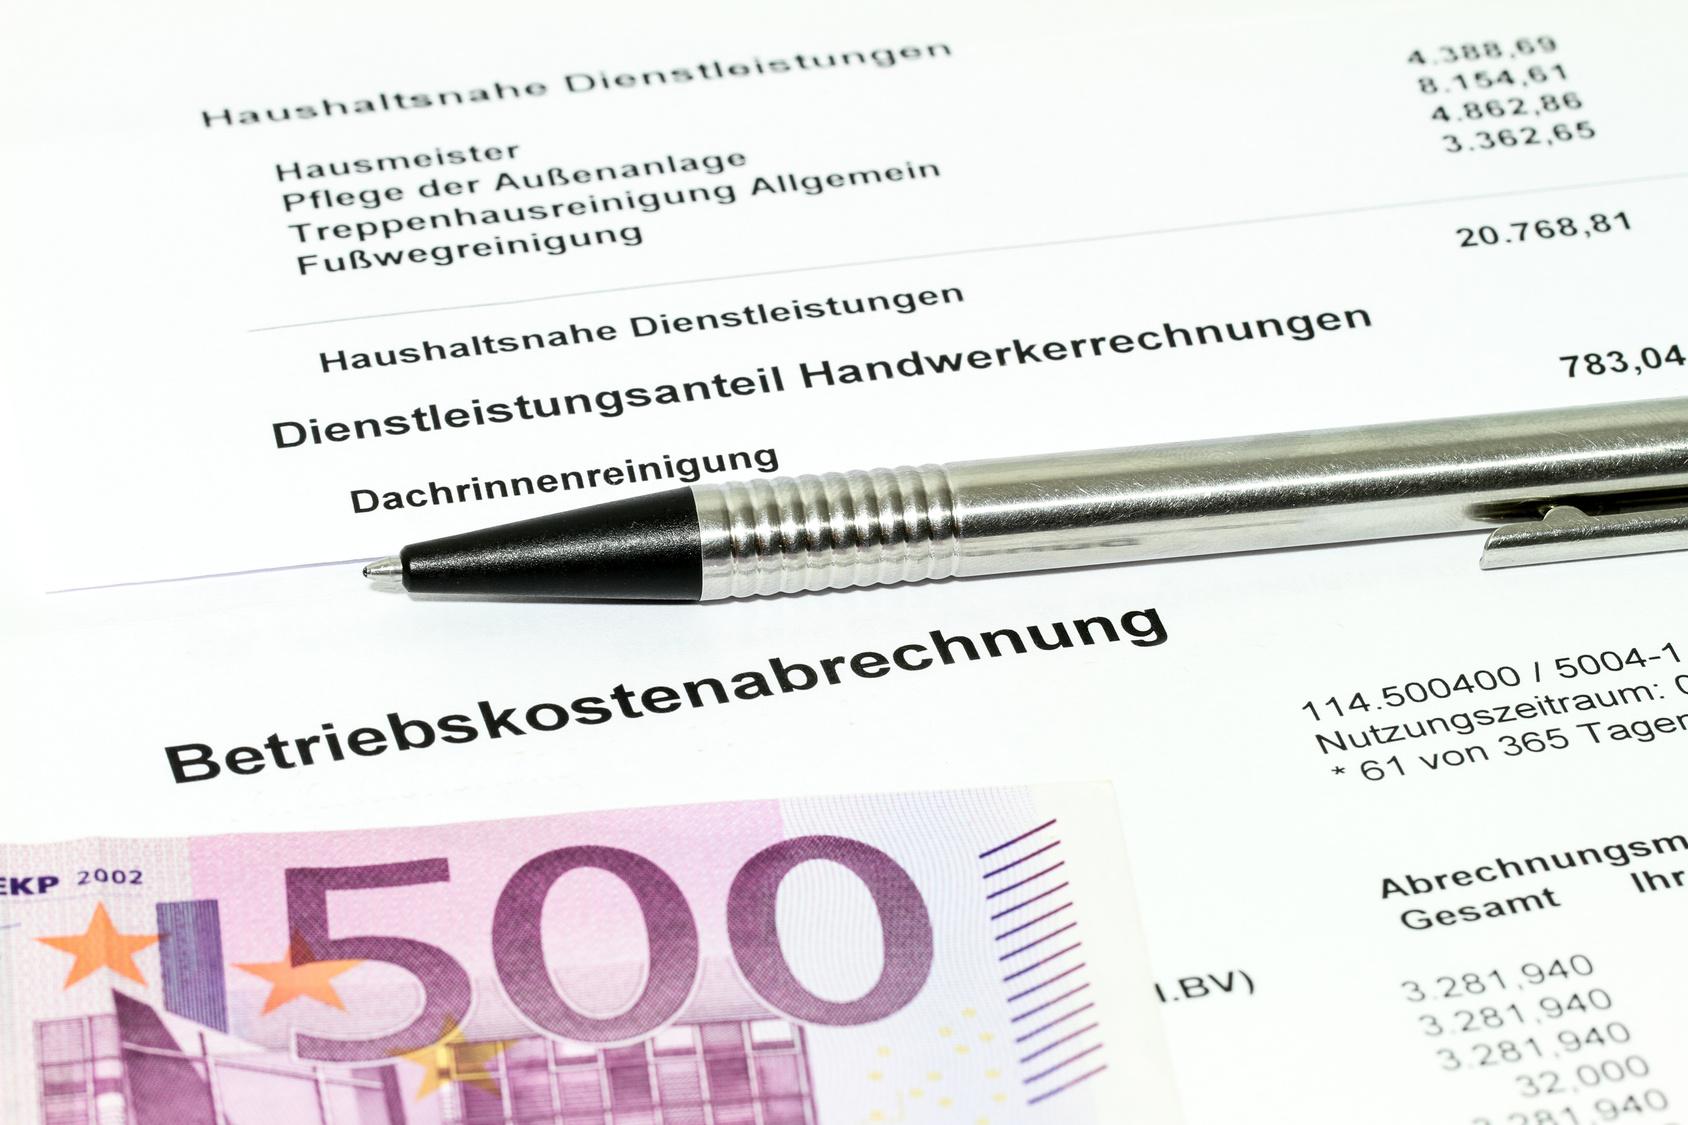 nebenkostenabrechnung muster - Nebenkostenabrechnung Muster